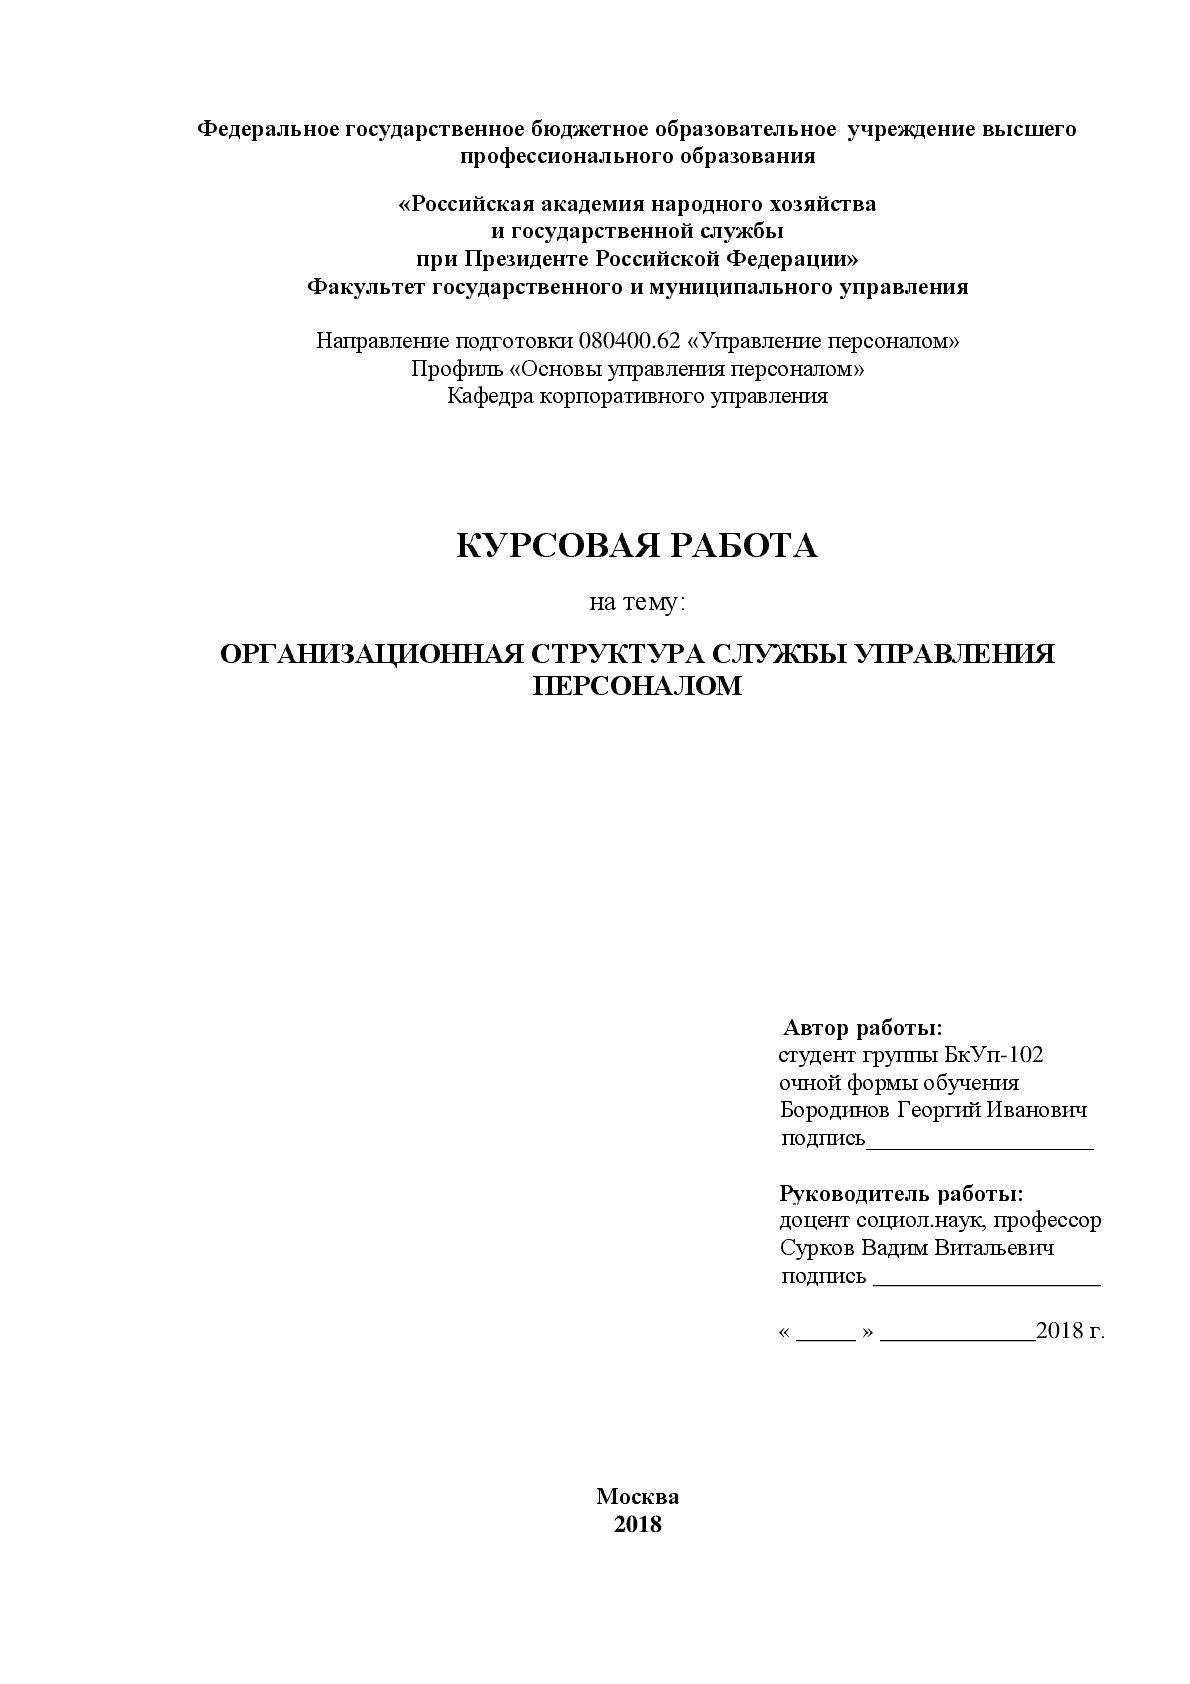 Требования к оформлению курсовых работ 2019 8914